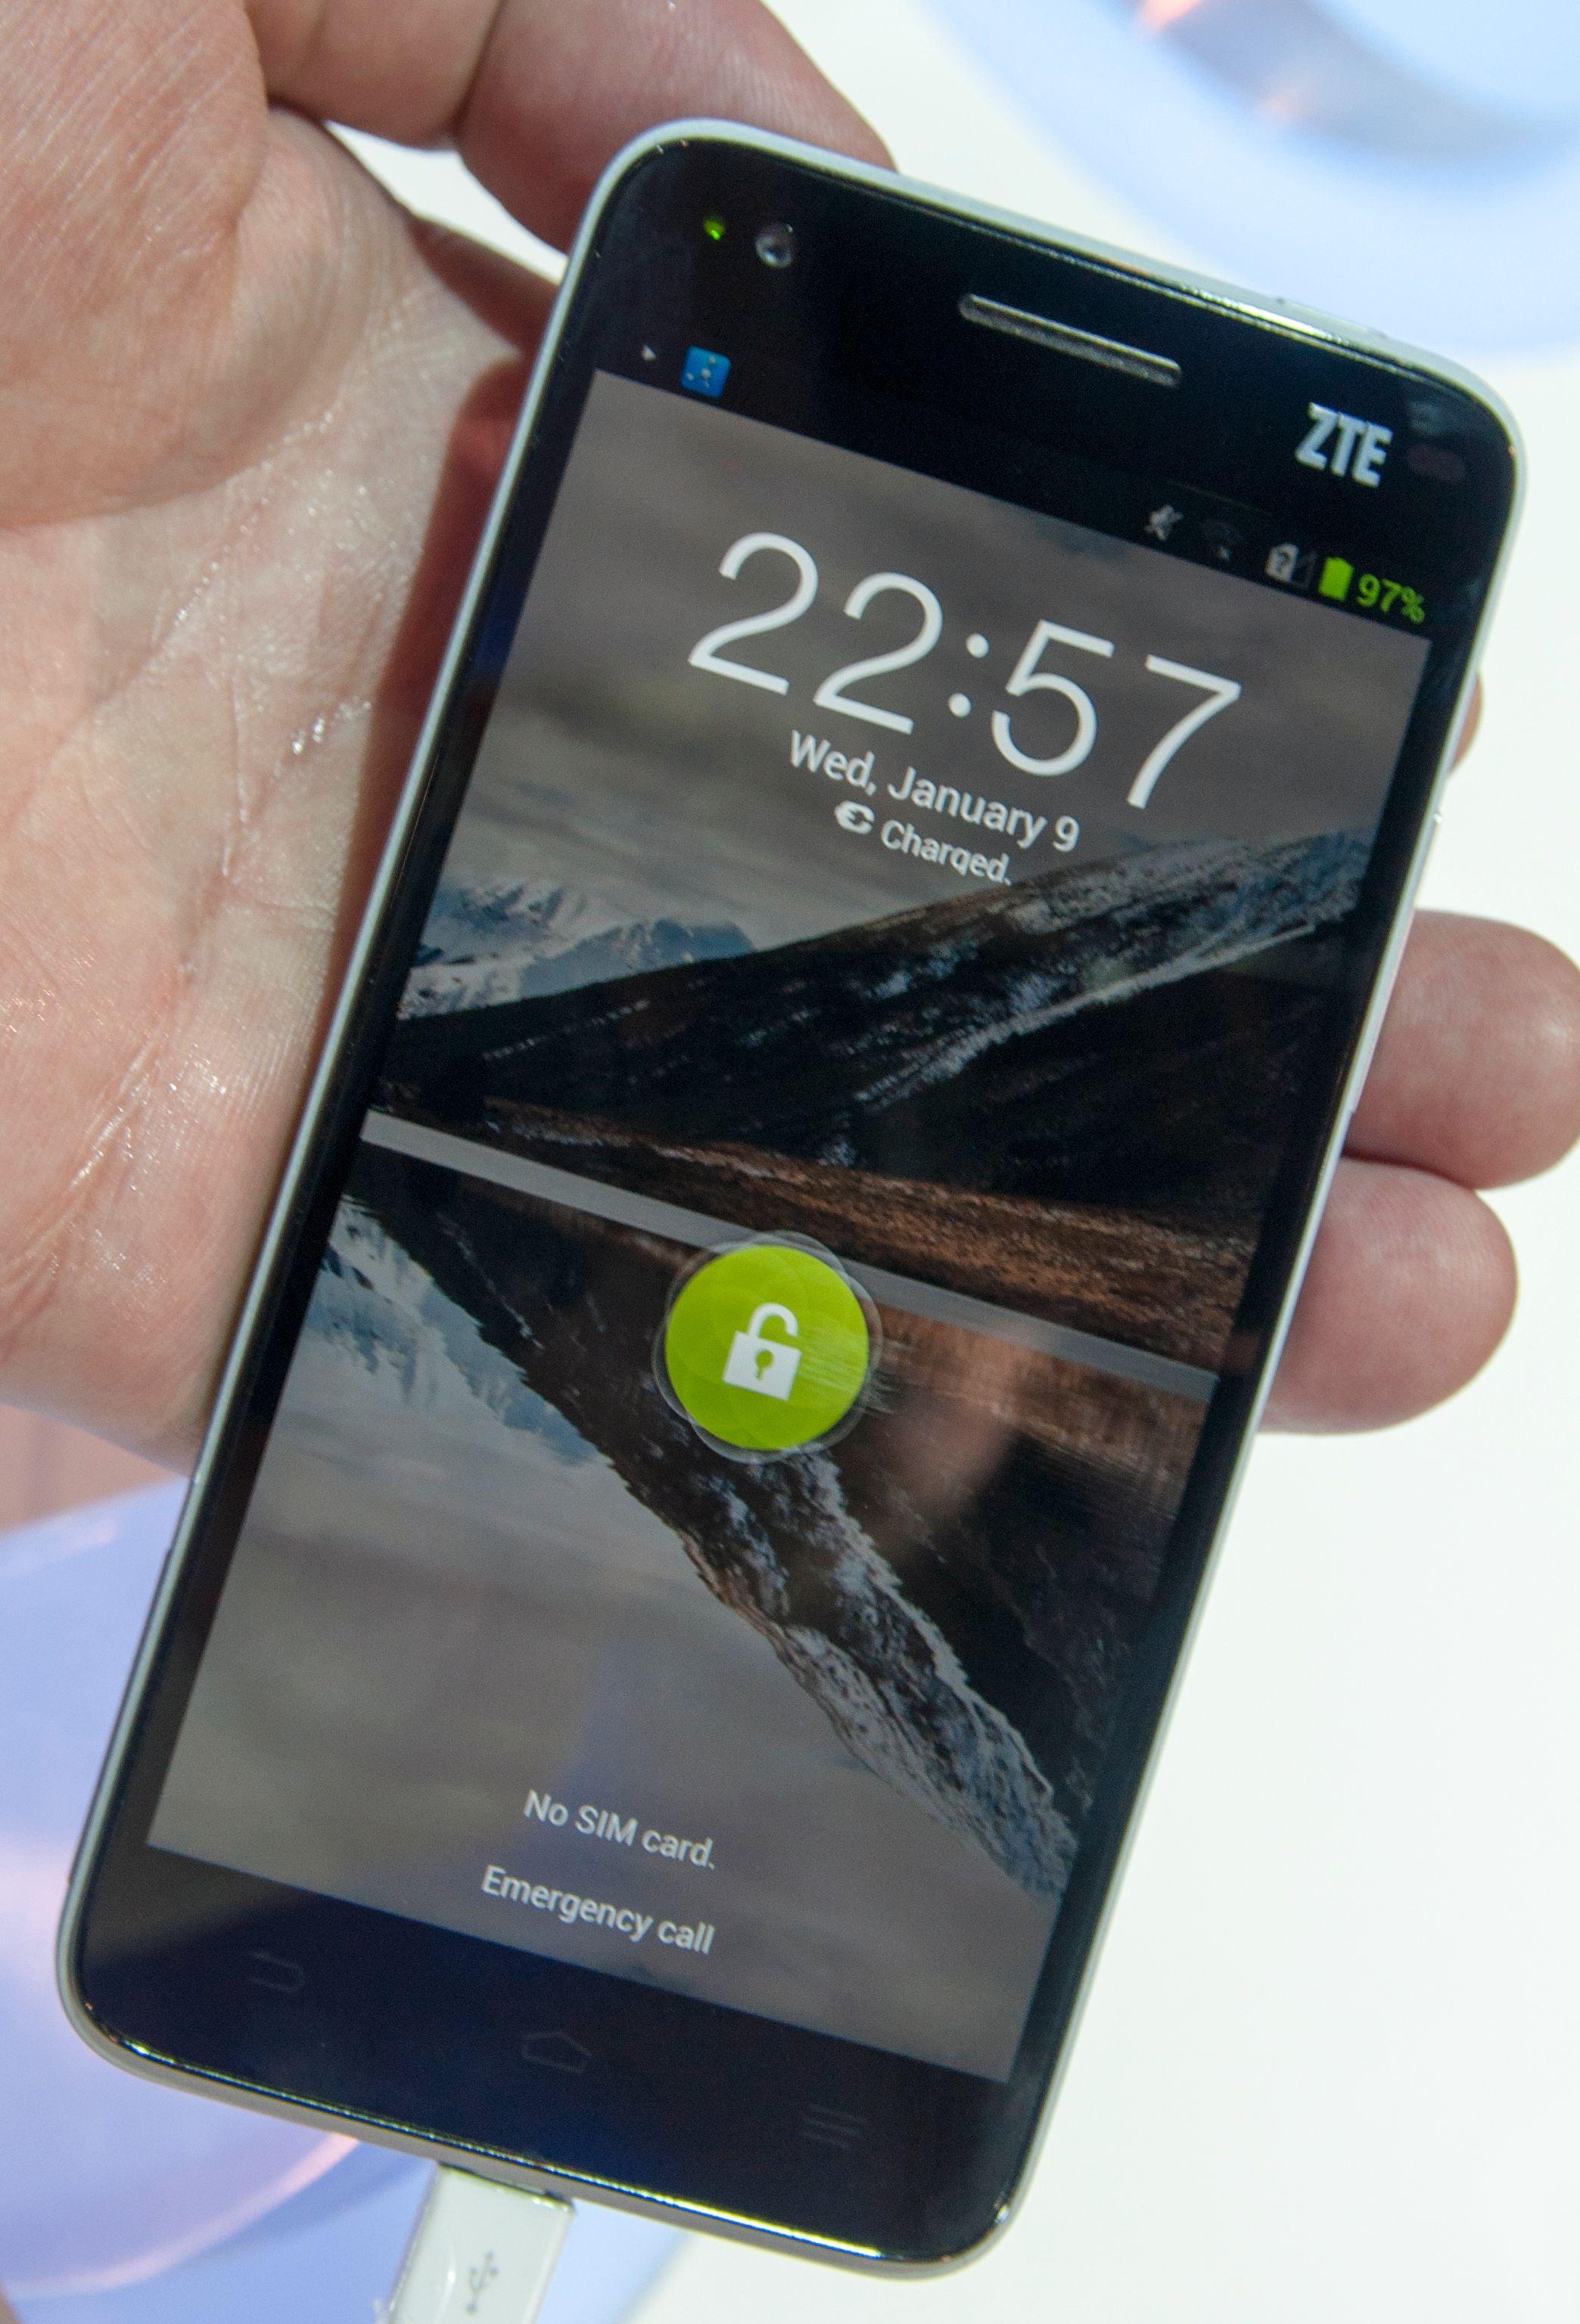 Menyene for øvrig er nye, men låseskjermen har sett lik ut på flere ZTE-telefoner.Foto: Finn Jarle Kvalheim, Amobil.no